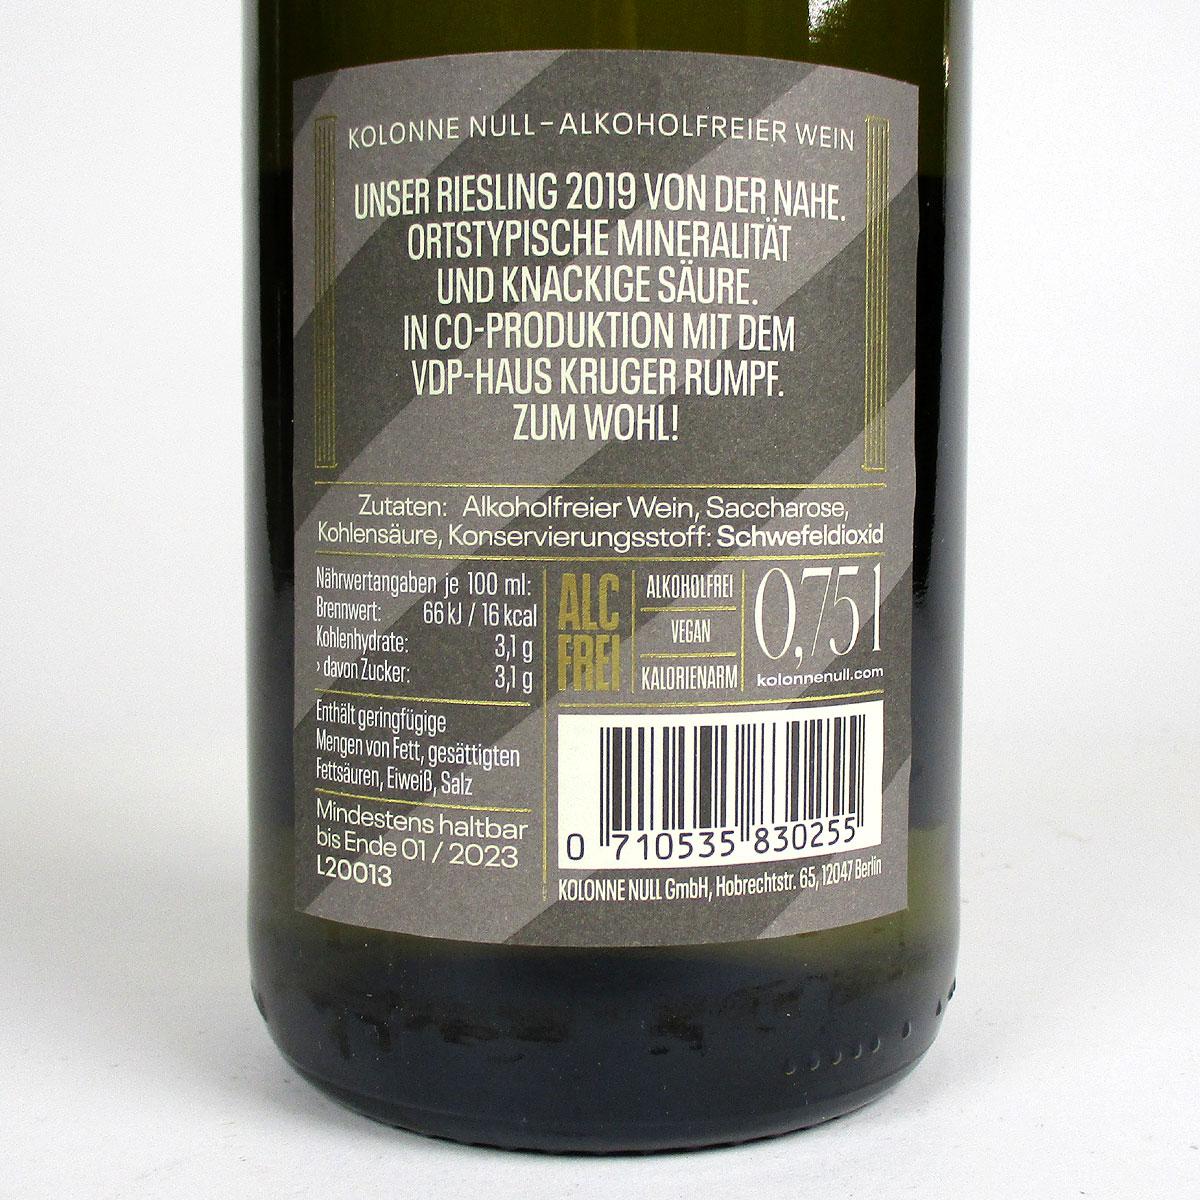 Nahe: Weingut Kruger-Rumpf 'Kolonne Null' Riesling 2019 - Bottle Rear Label